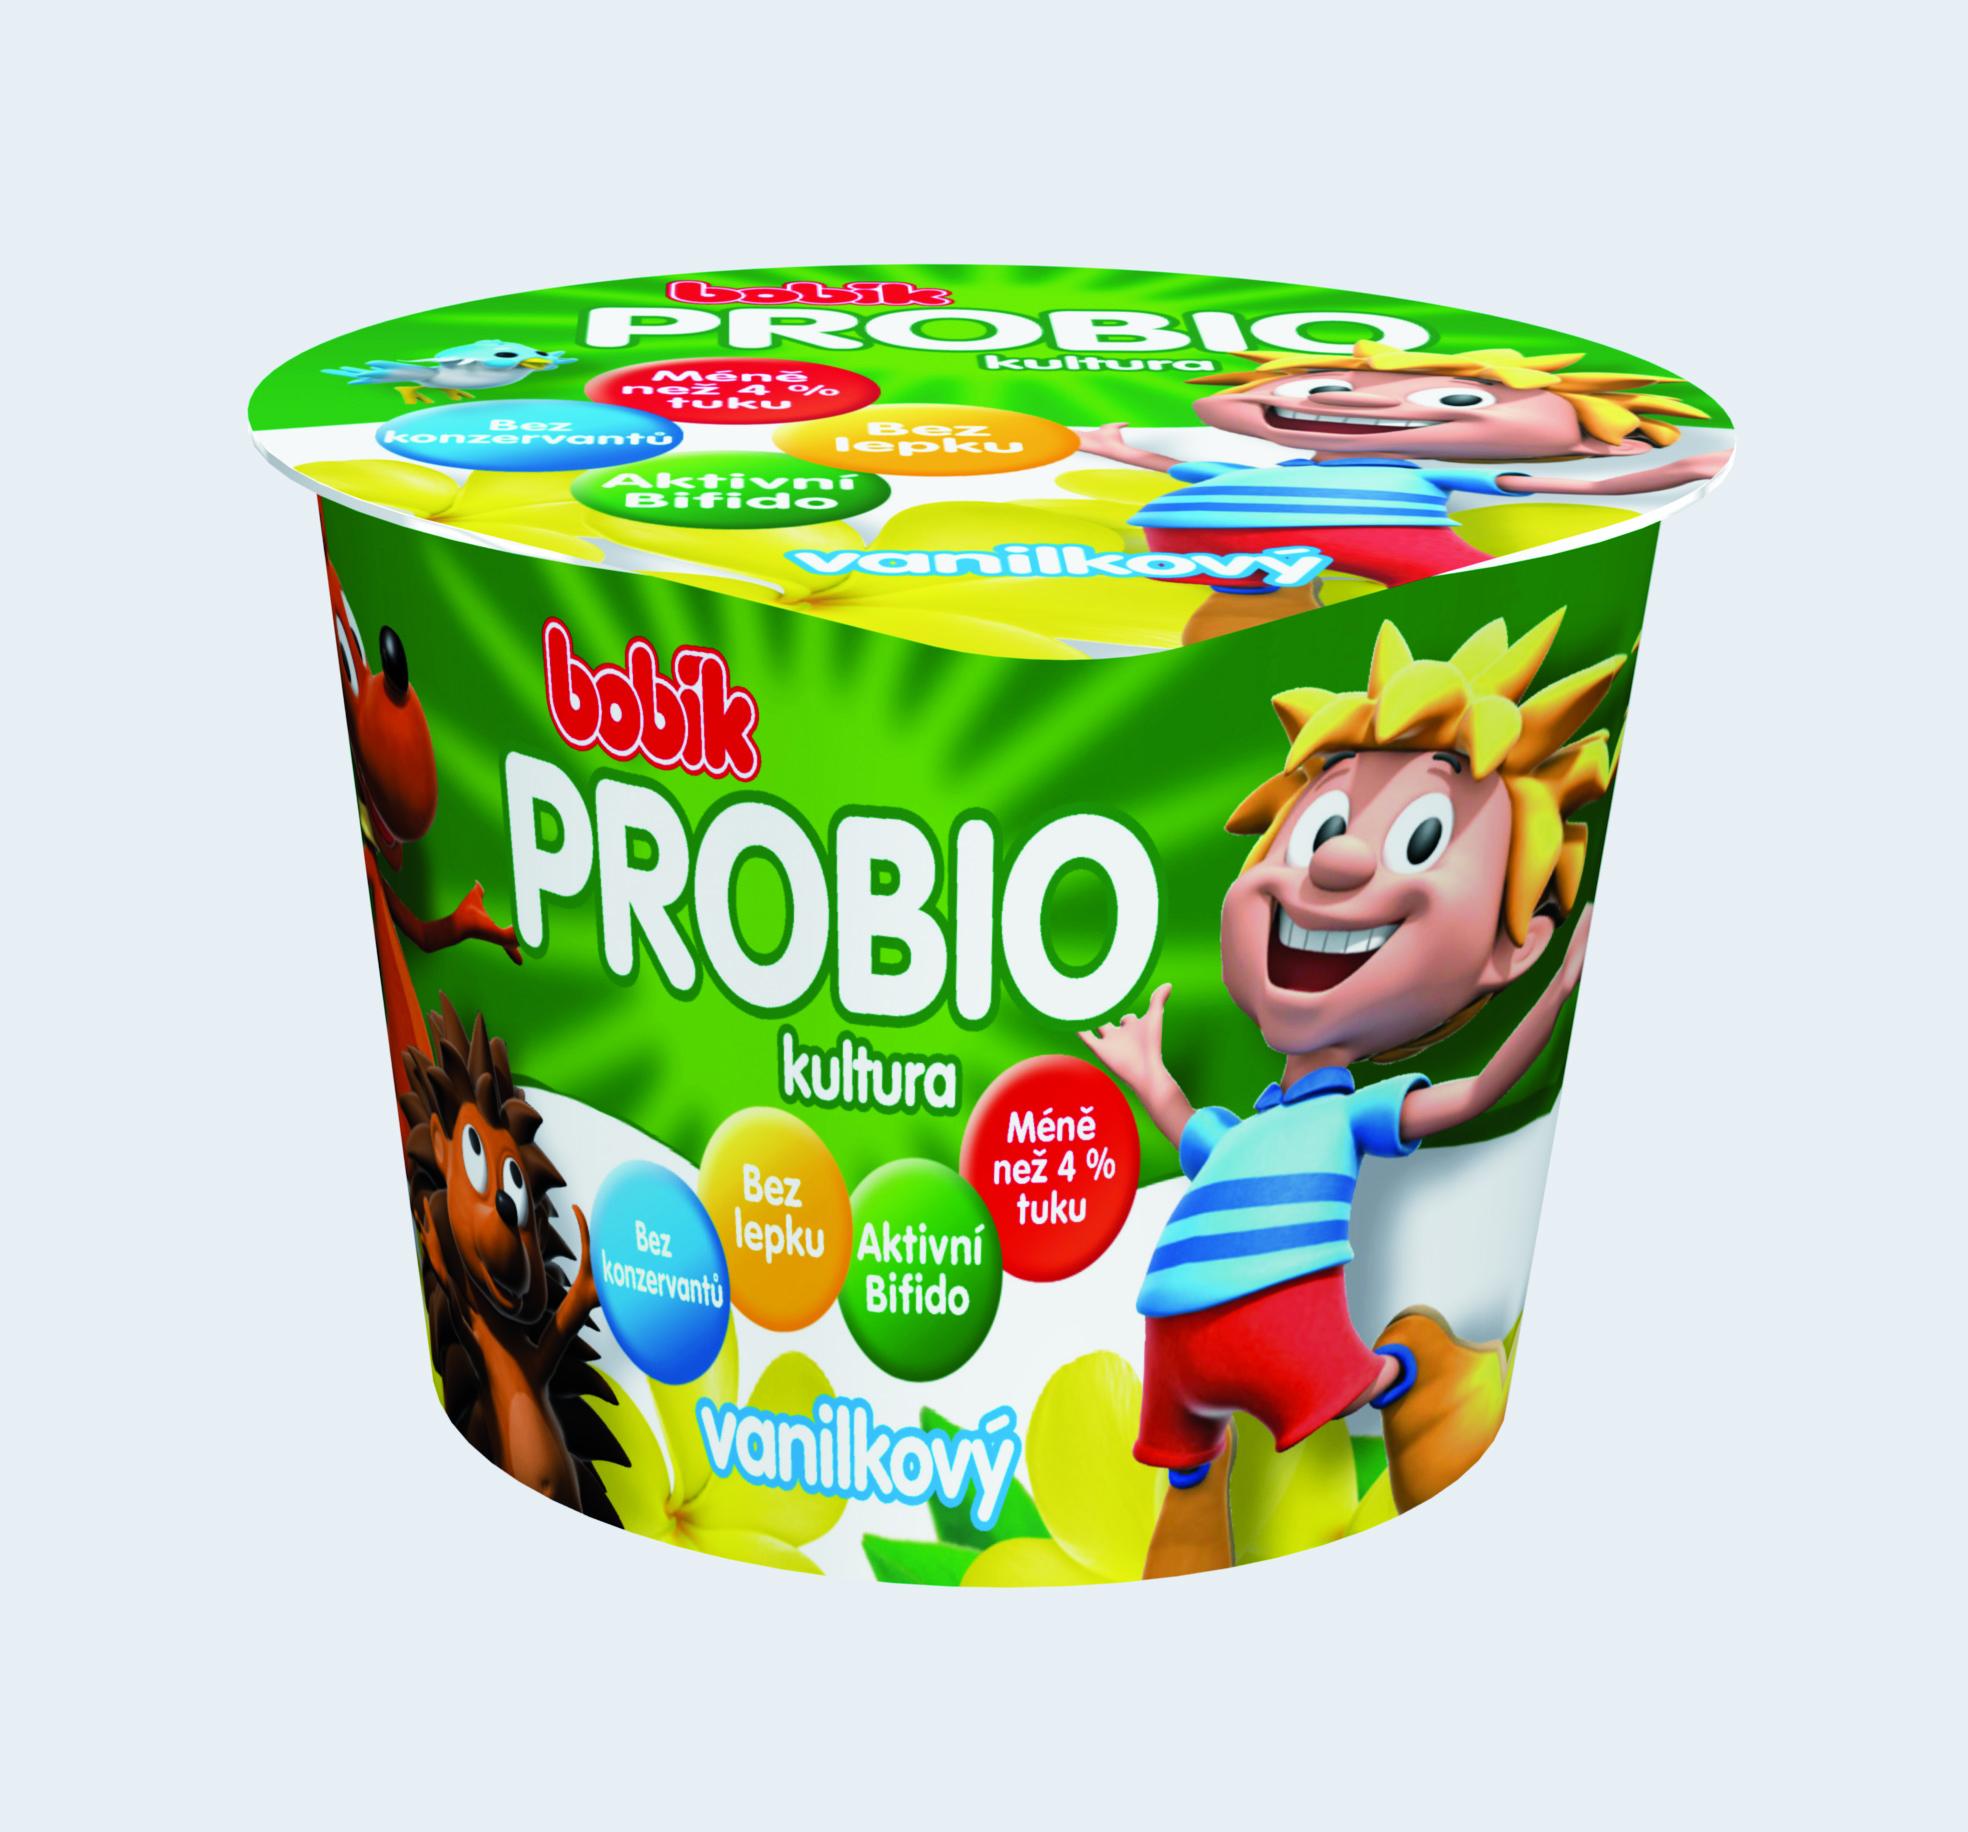 Značka Bobík ProBio vanilkový